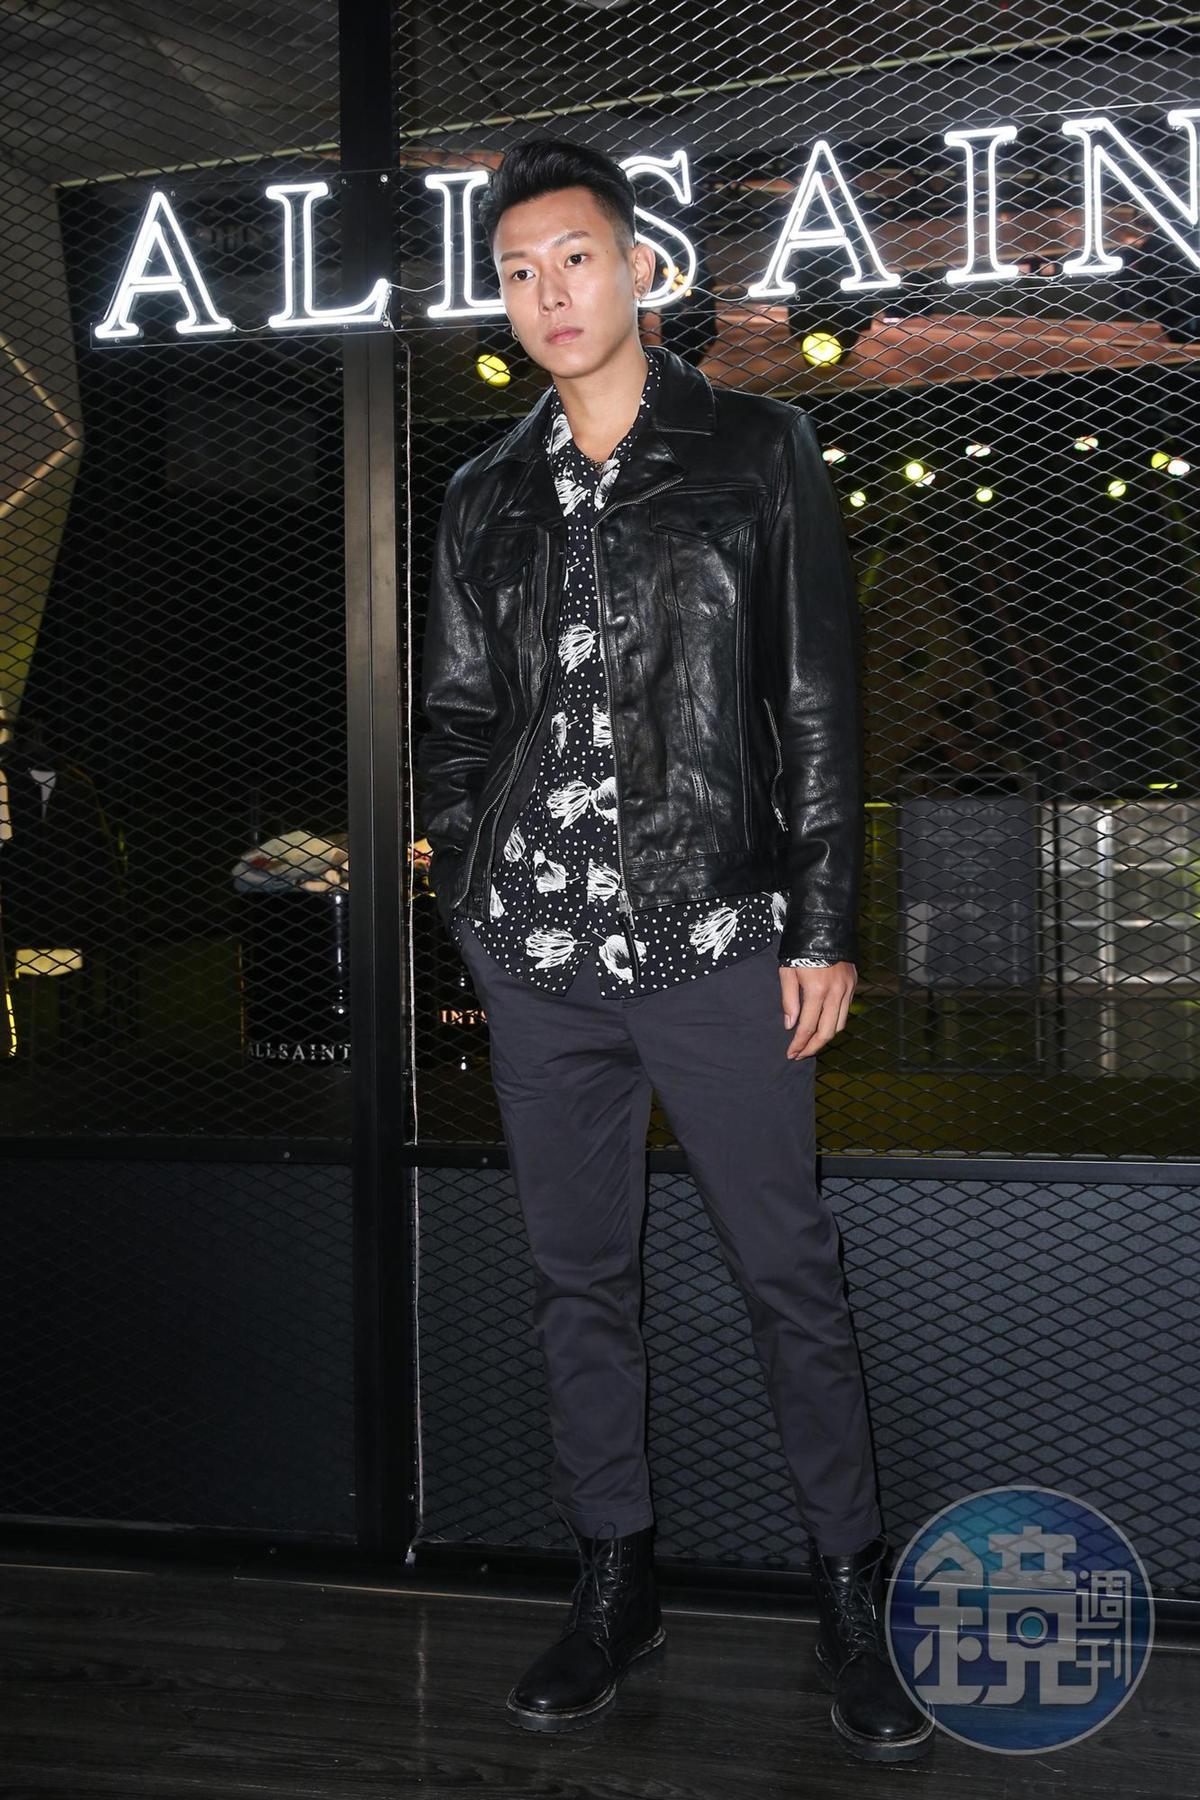 皮衣是瘦子冬天的必備單品,他說:「我喜歡簡單的設計,愈簡單愈好搭配,出門前一抽就走,不需要去想要穿什麼。」